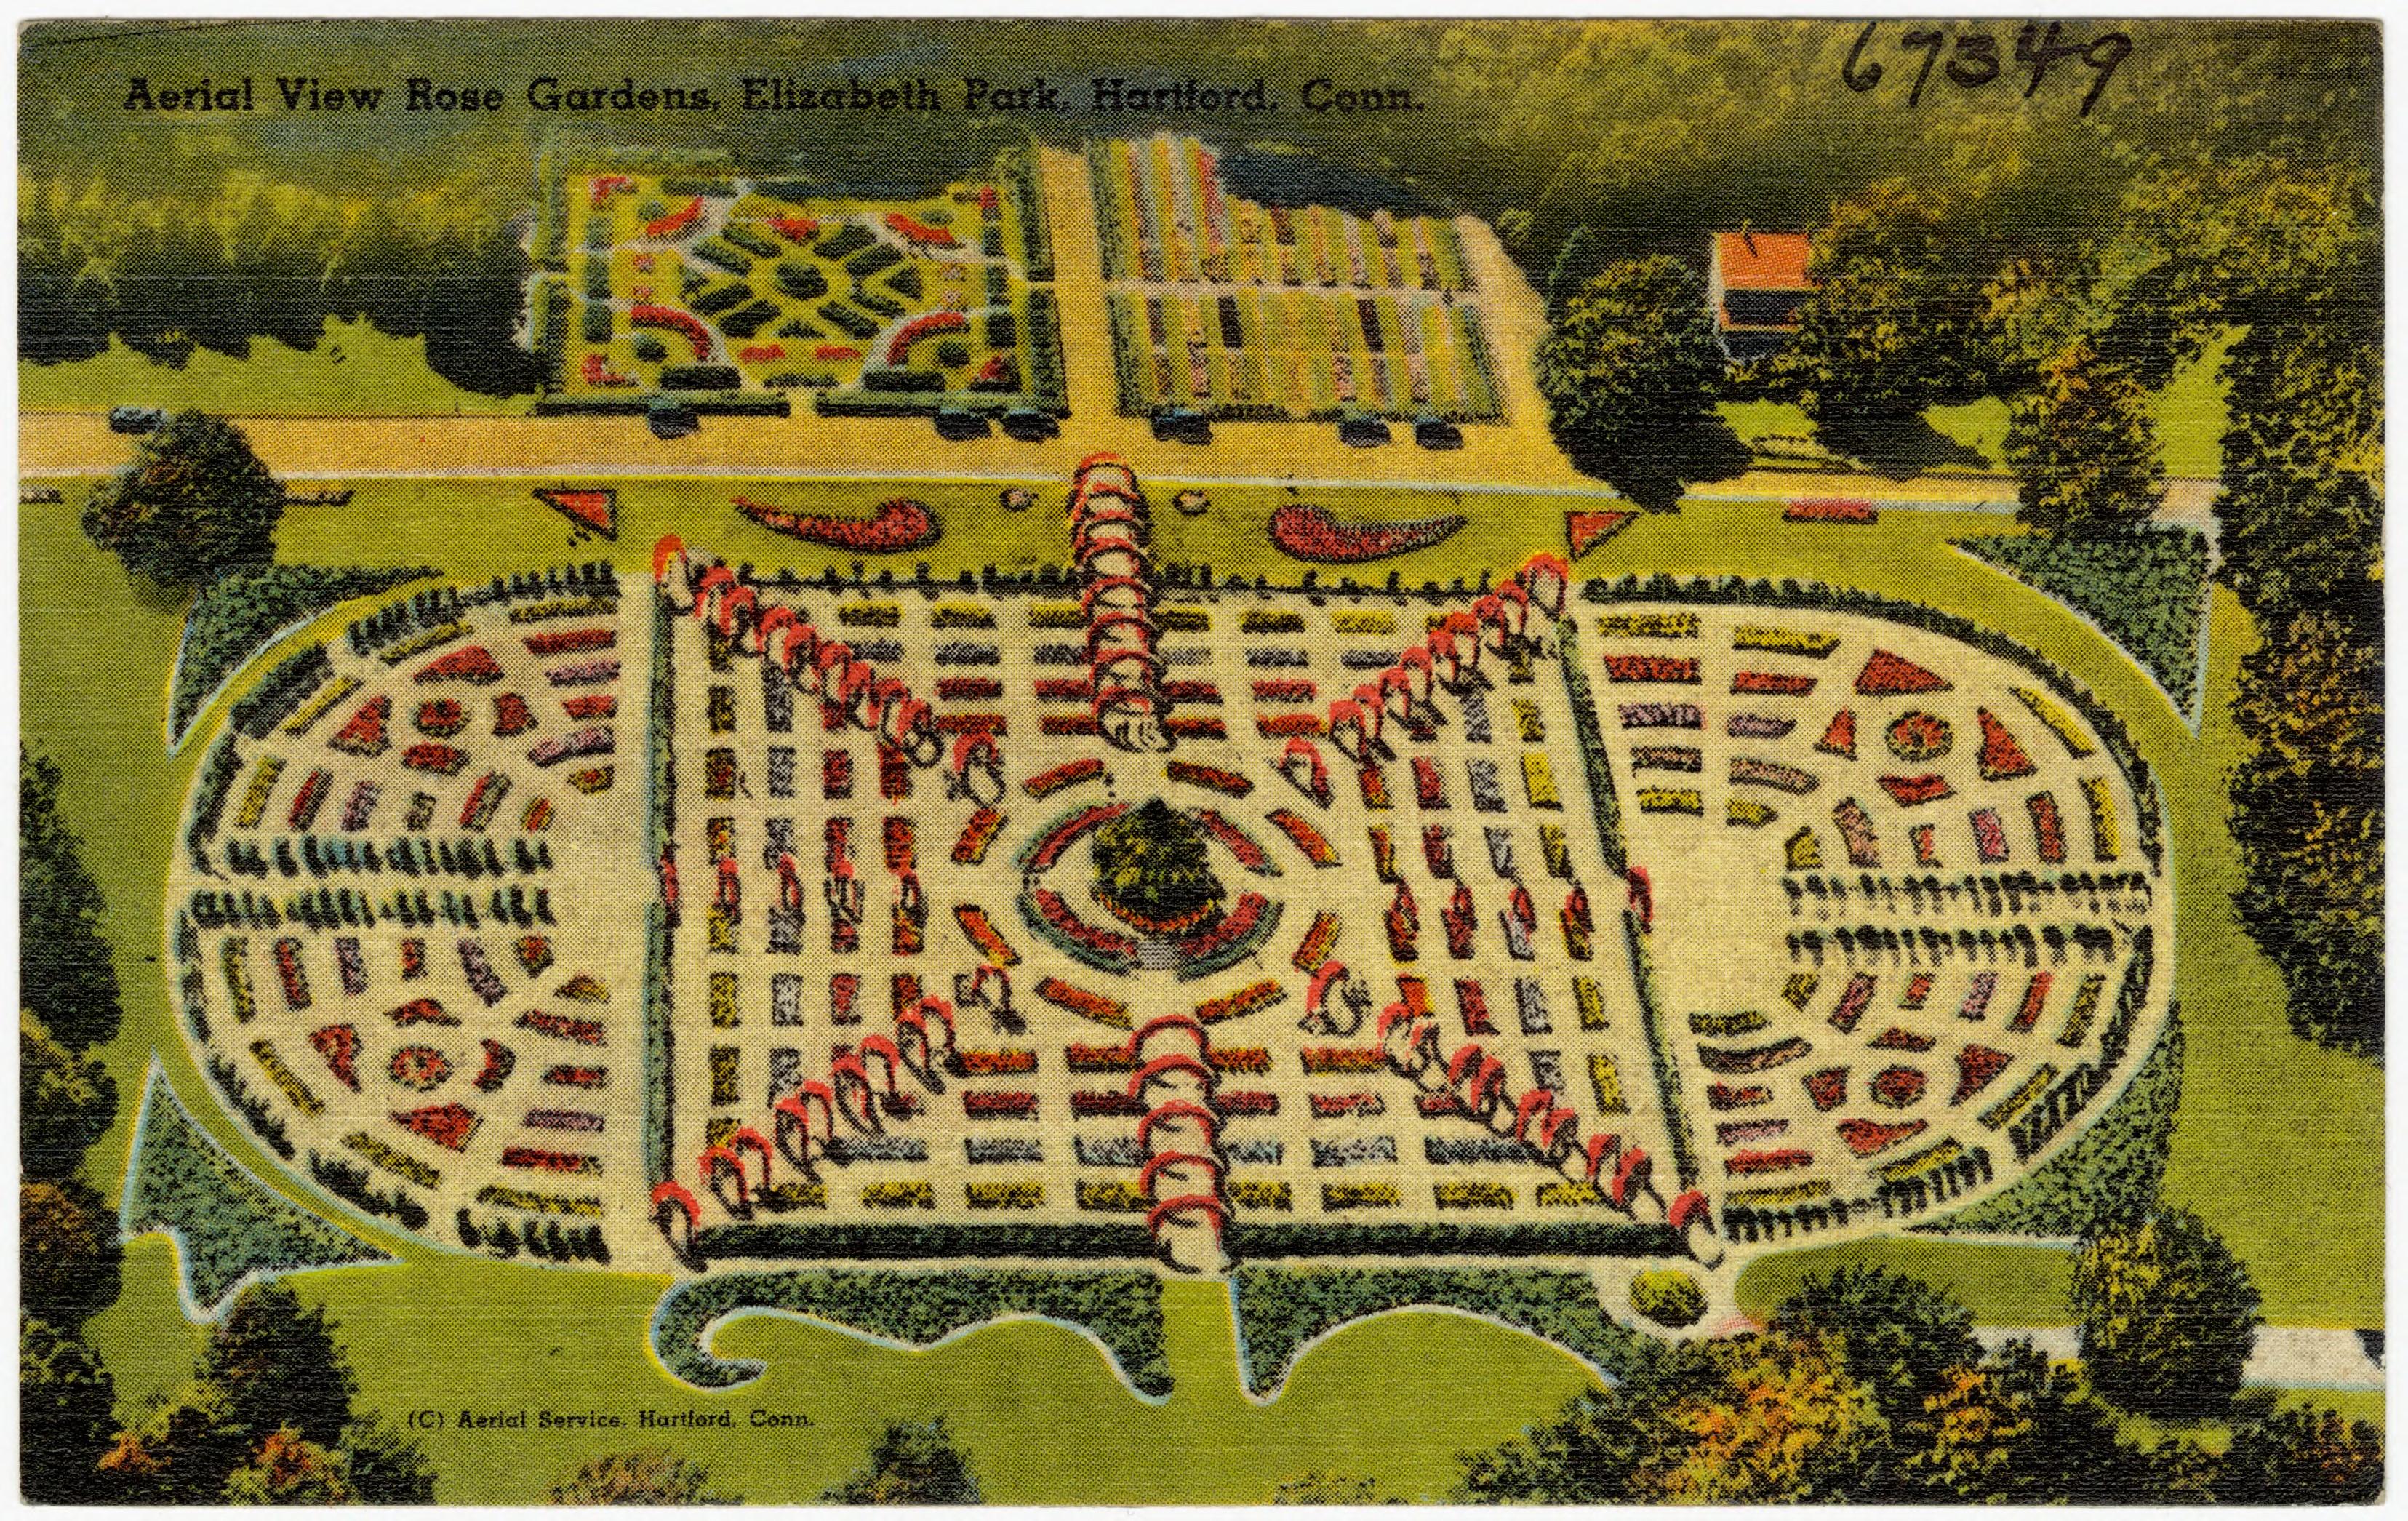 Plan of Elizabeth Park Rose Gardens.